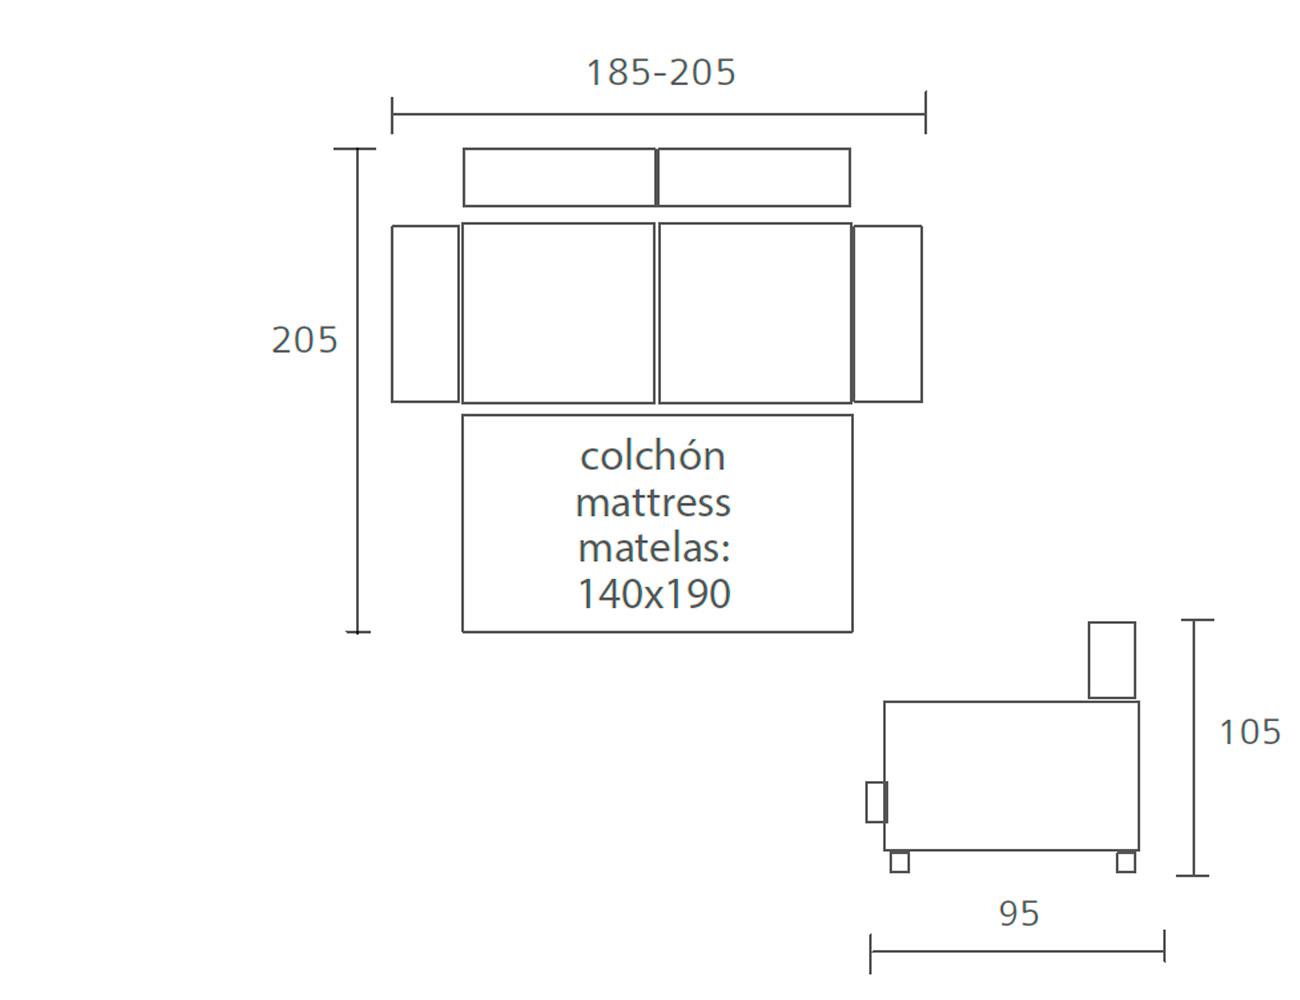 Sofa cama pedro ortiz 185 2053